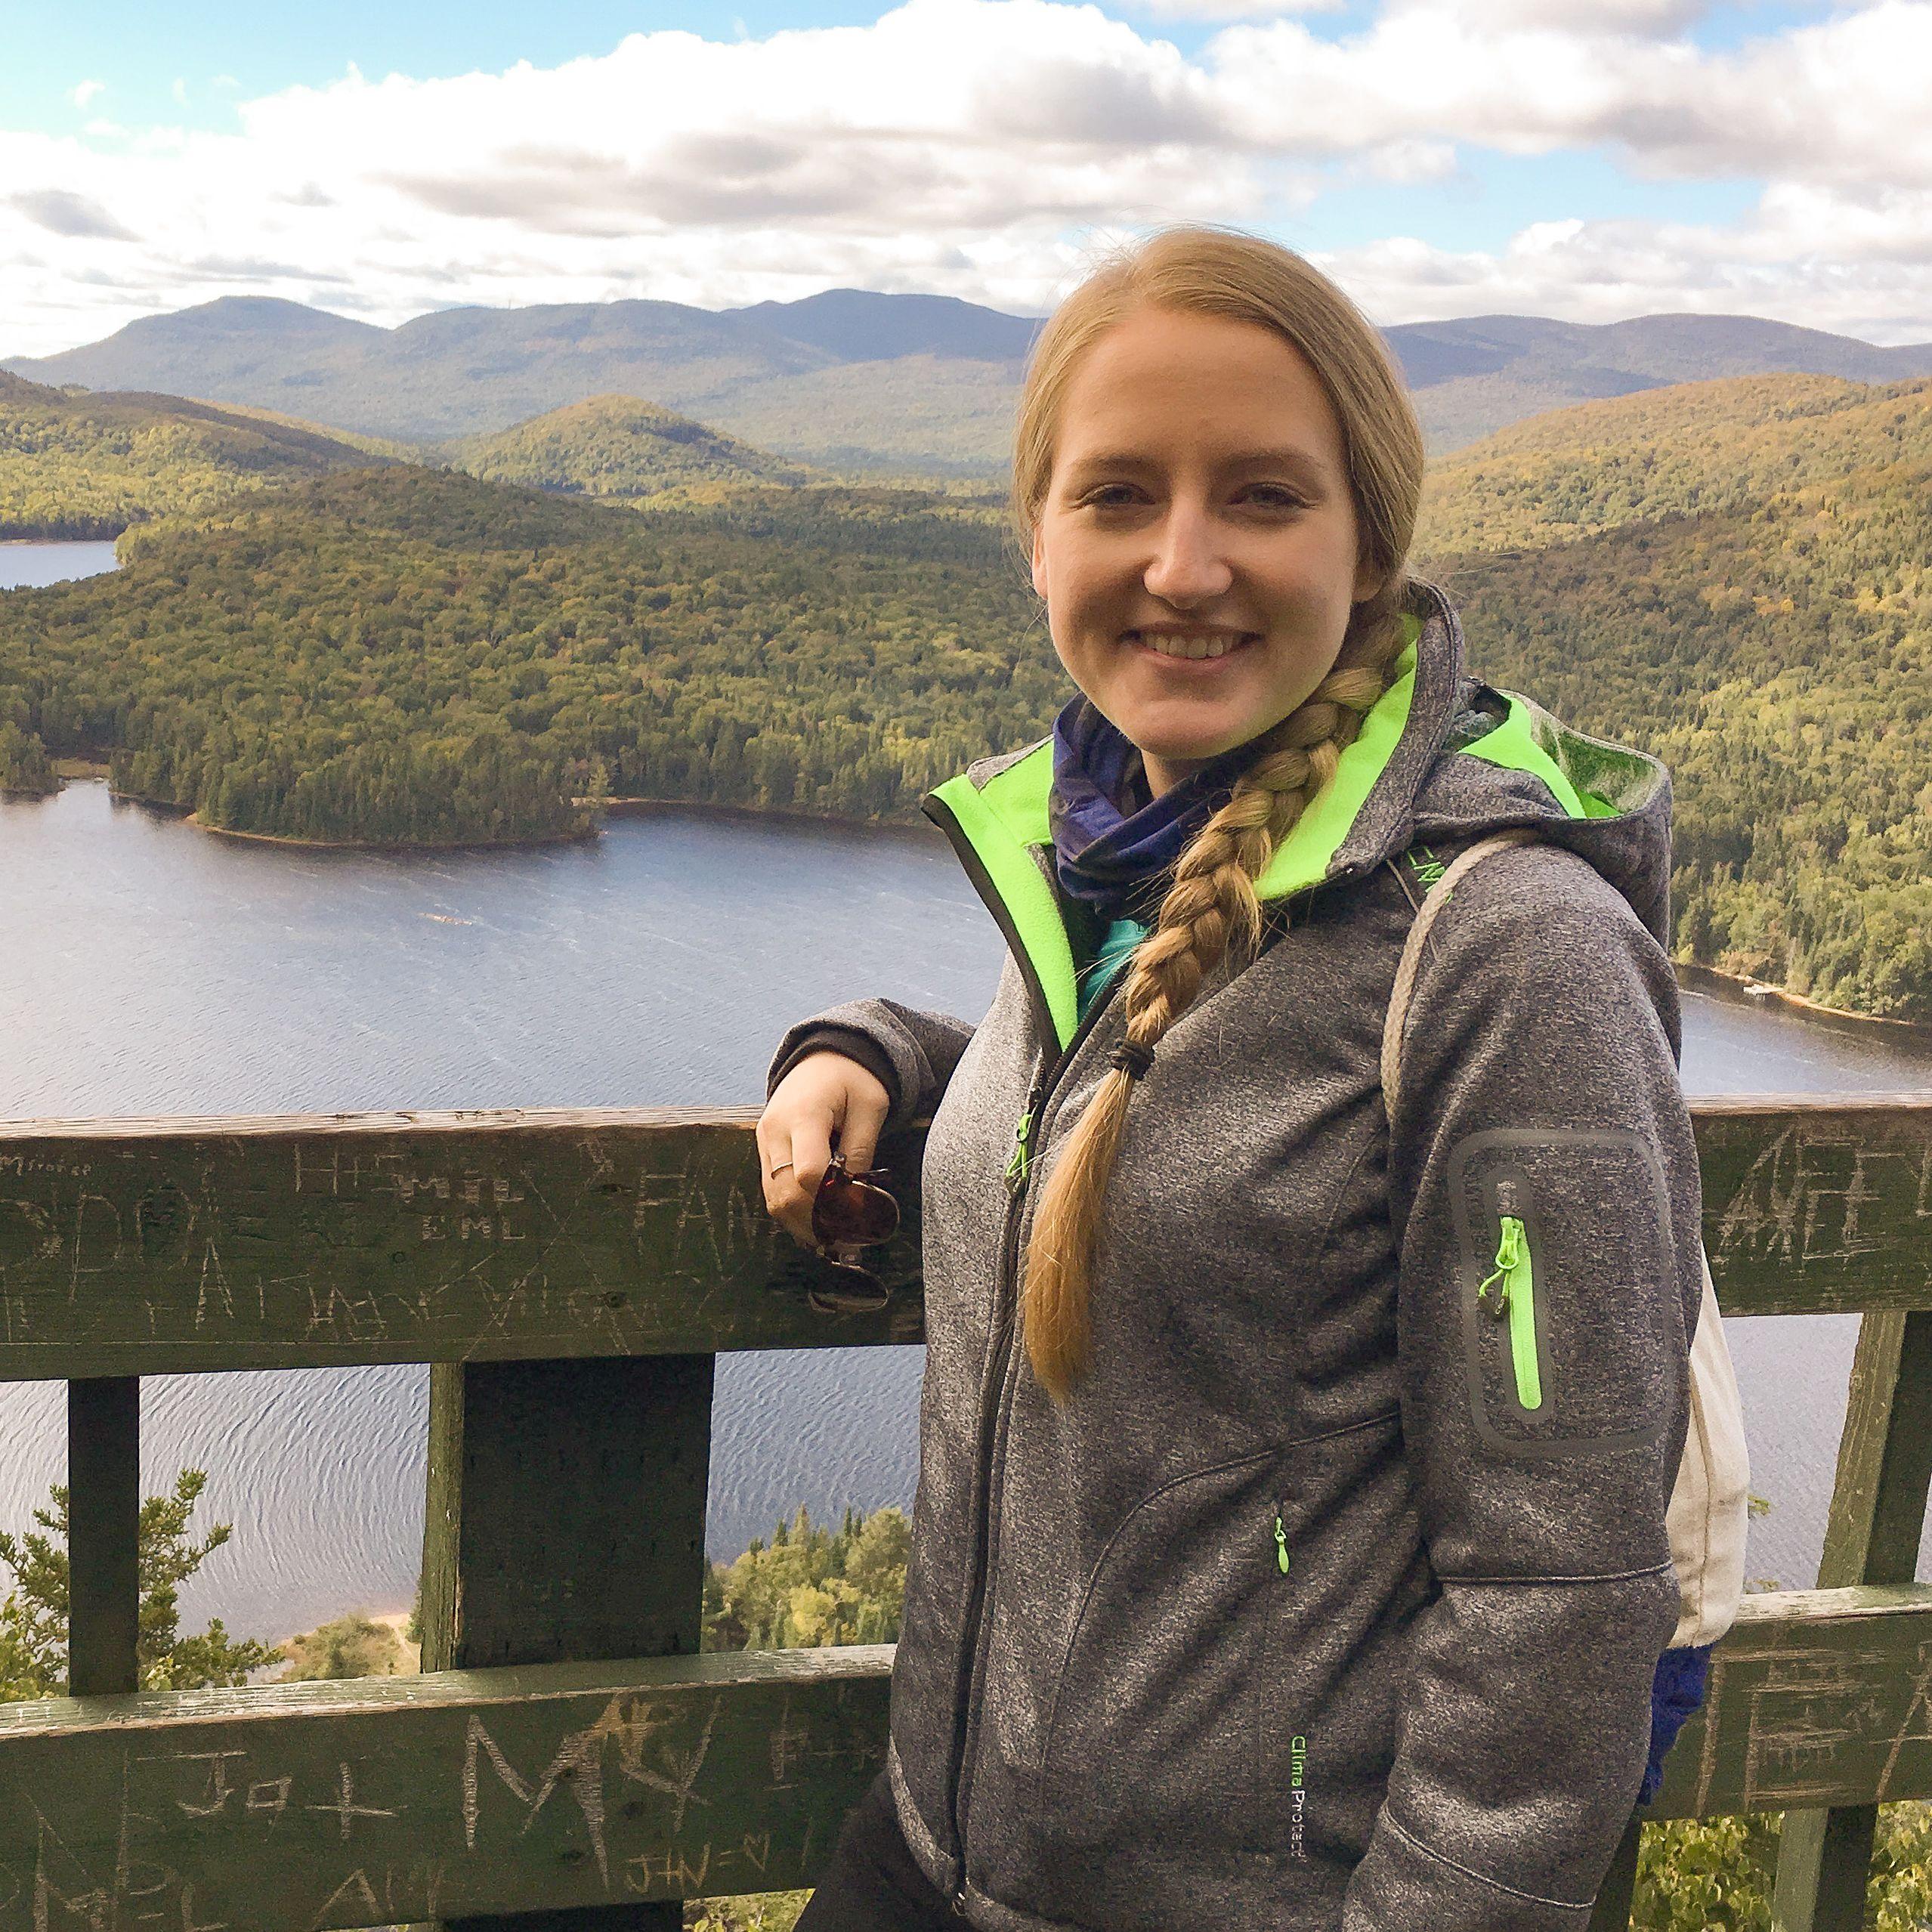 CANUSA Mitarbeiterin Melanie Schubert besuchte den Regionalpark Montagne du Diable, Québec